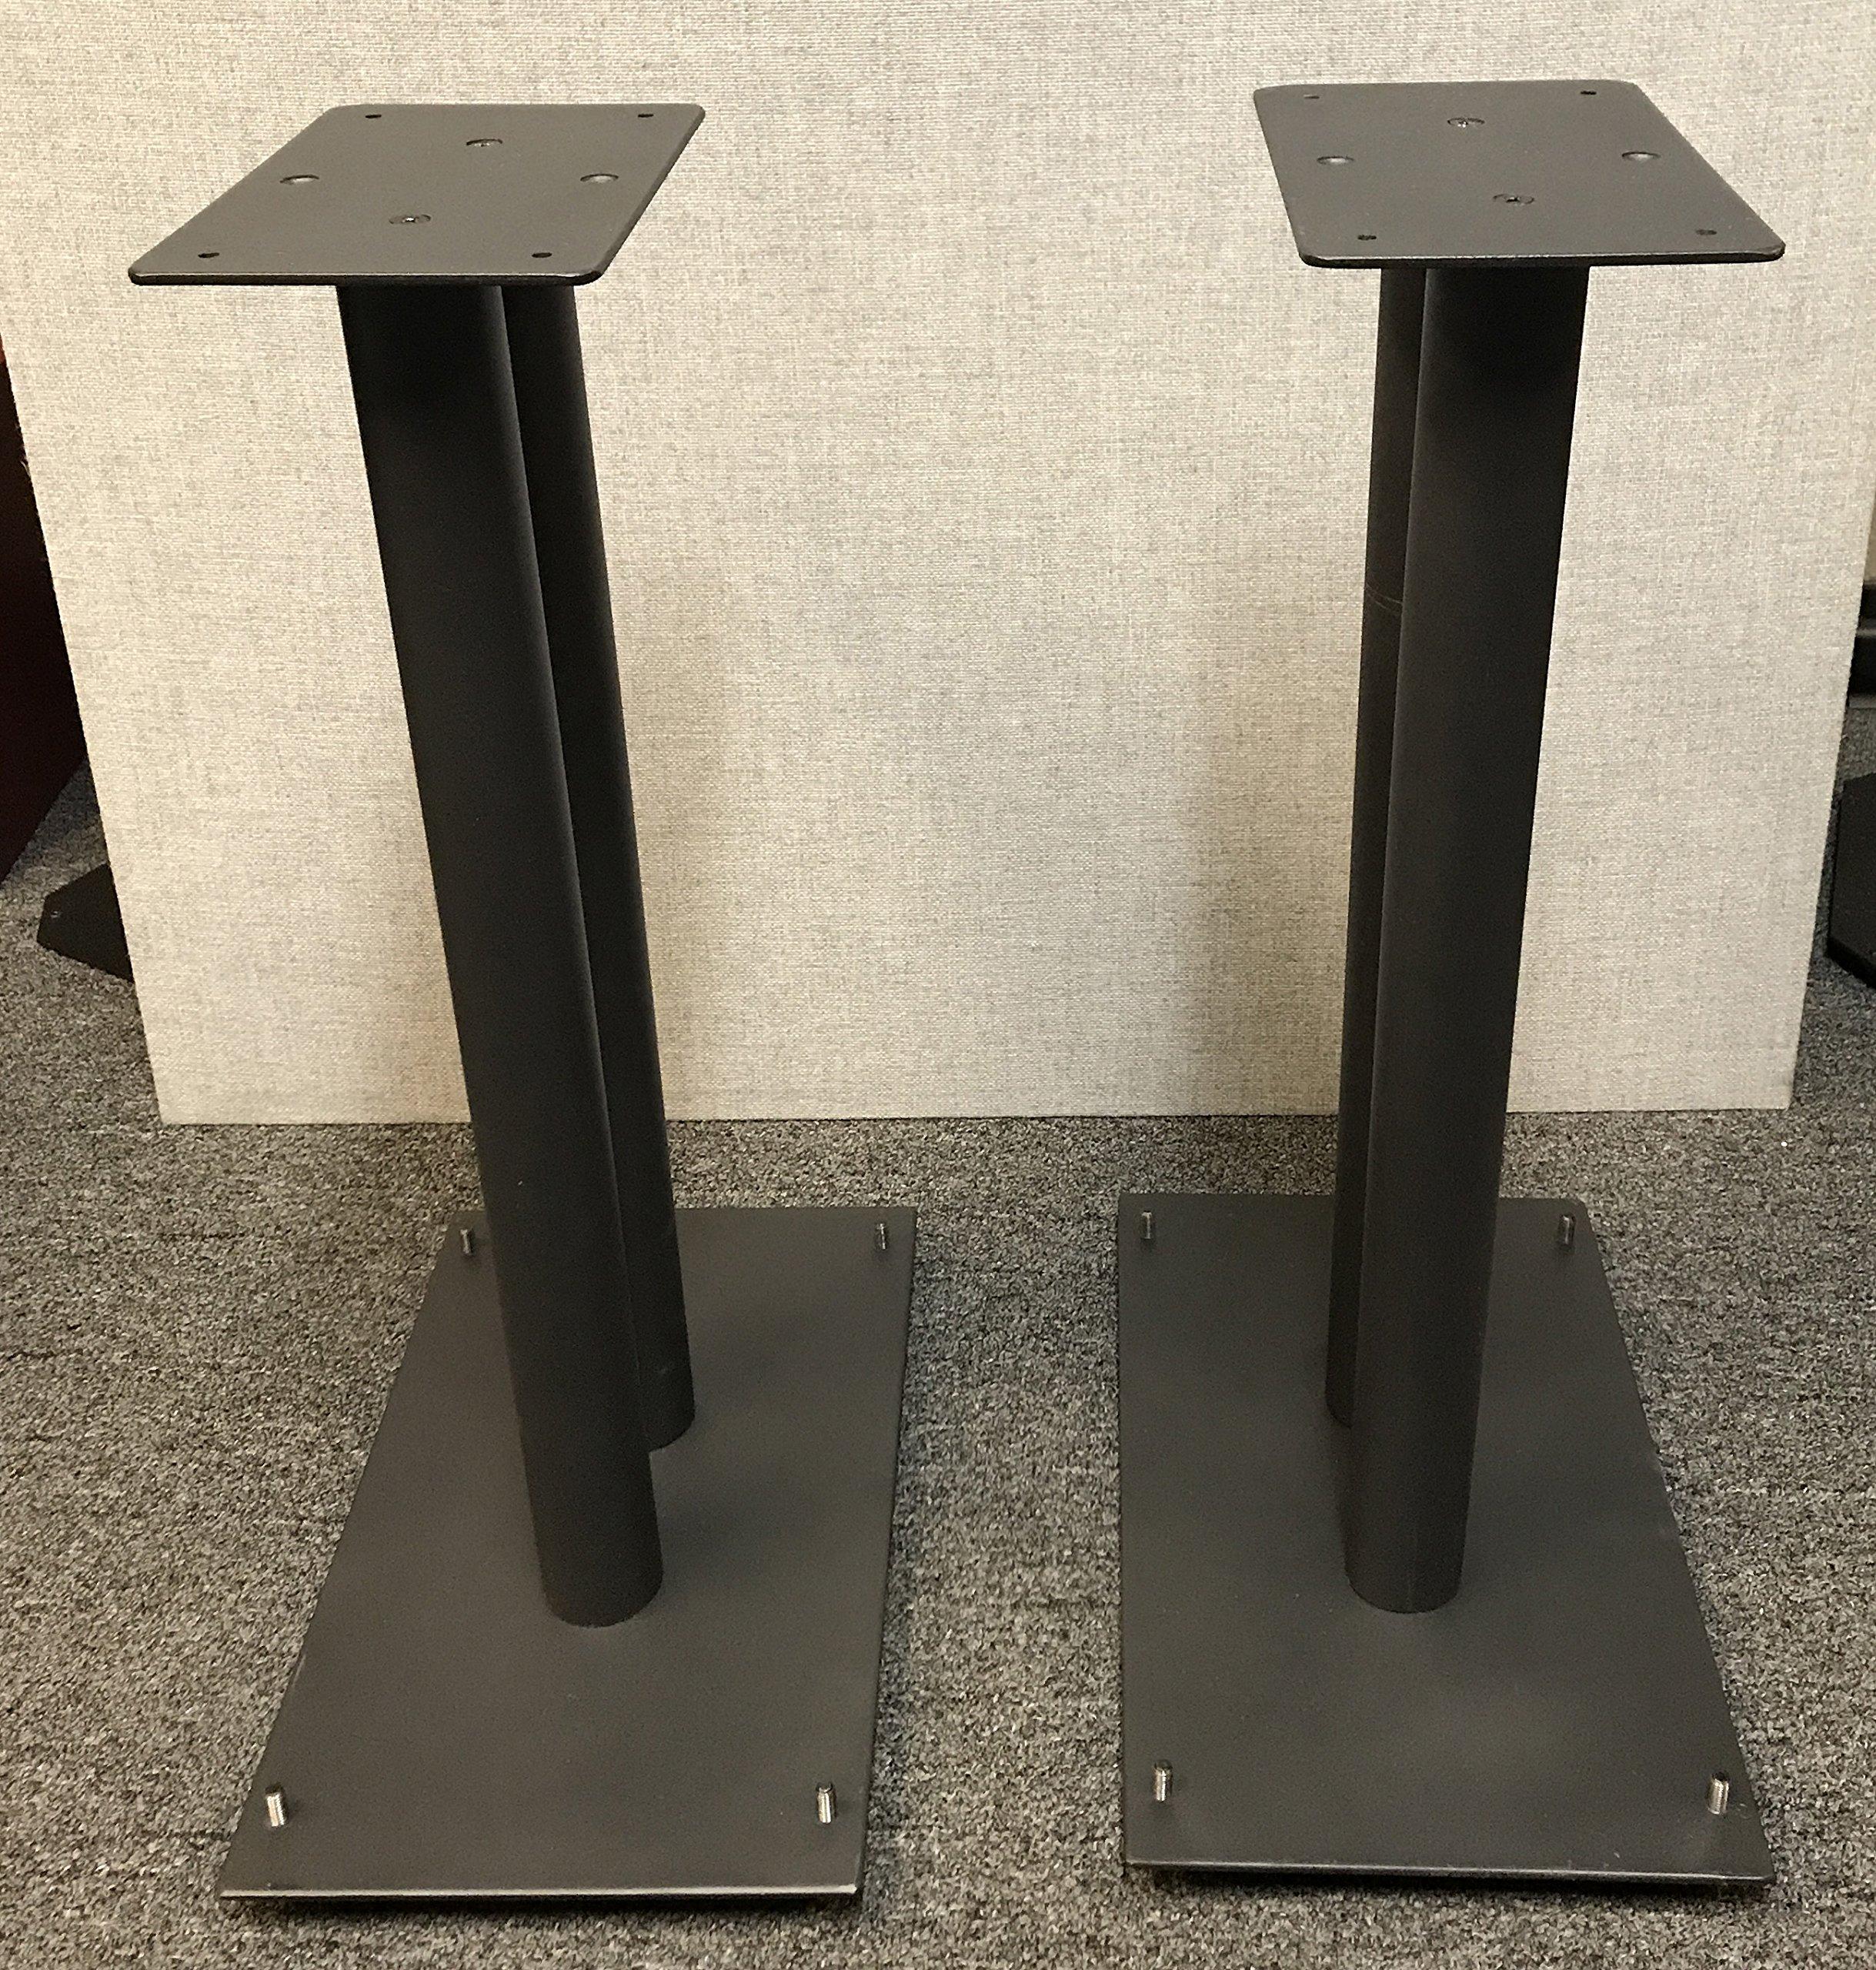 Vega A/V Systems 24'' Heavy Duty, Steel Speaker Stands | Fillable | For Klipsch Bookshelf Speakers | Set of 2 | Steel Carpet Spikes | 10'' x 16'' 4mm Steel Base, 6'' x 9'' Speaker Pedestal | Black by Vega